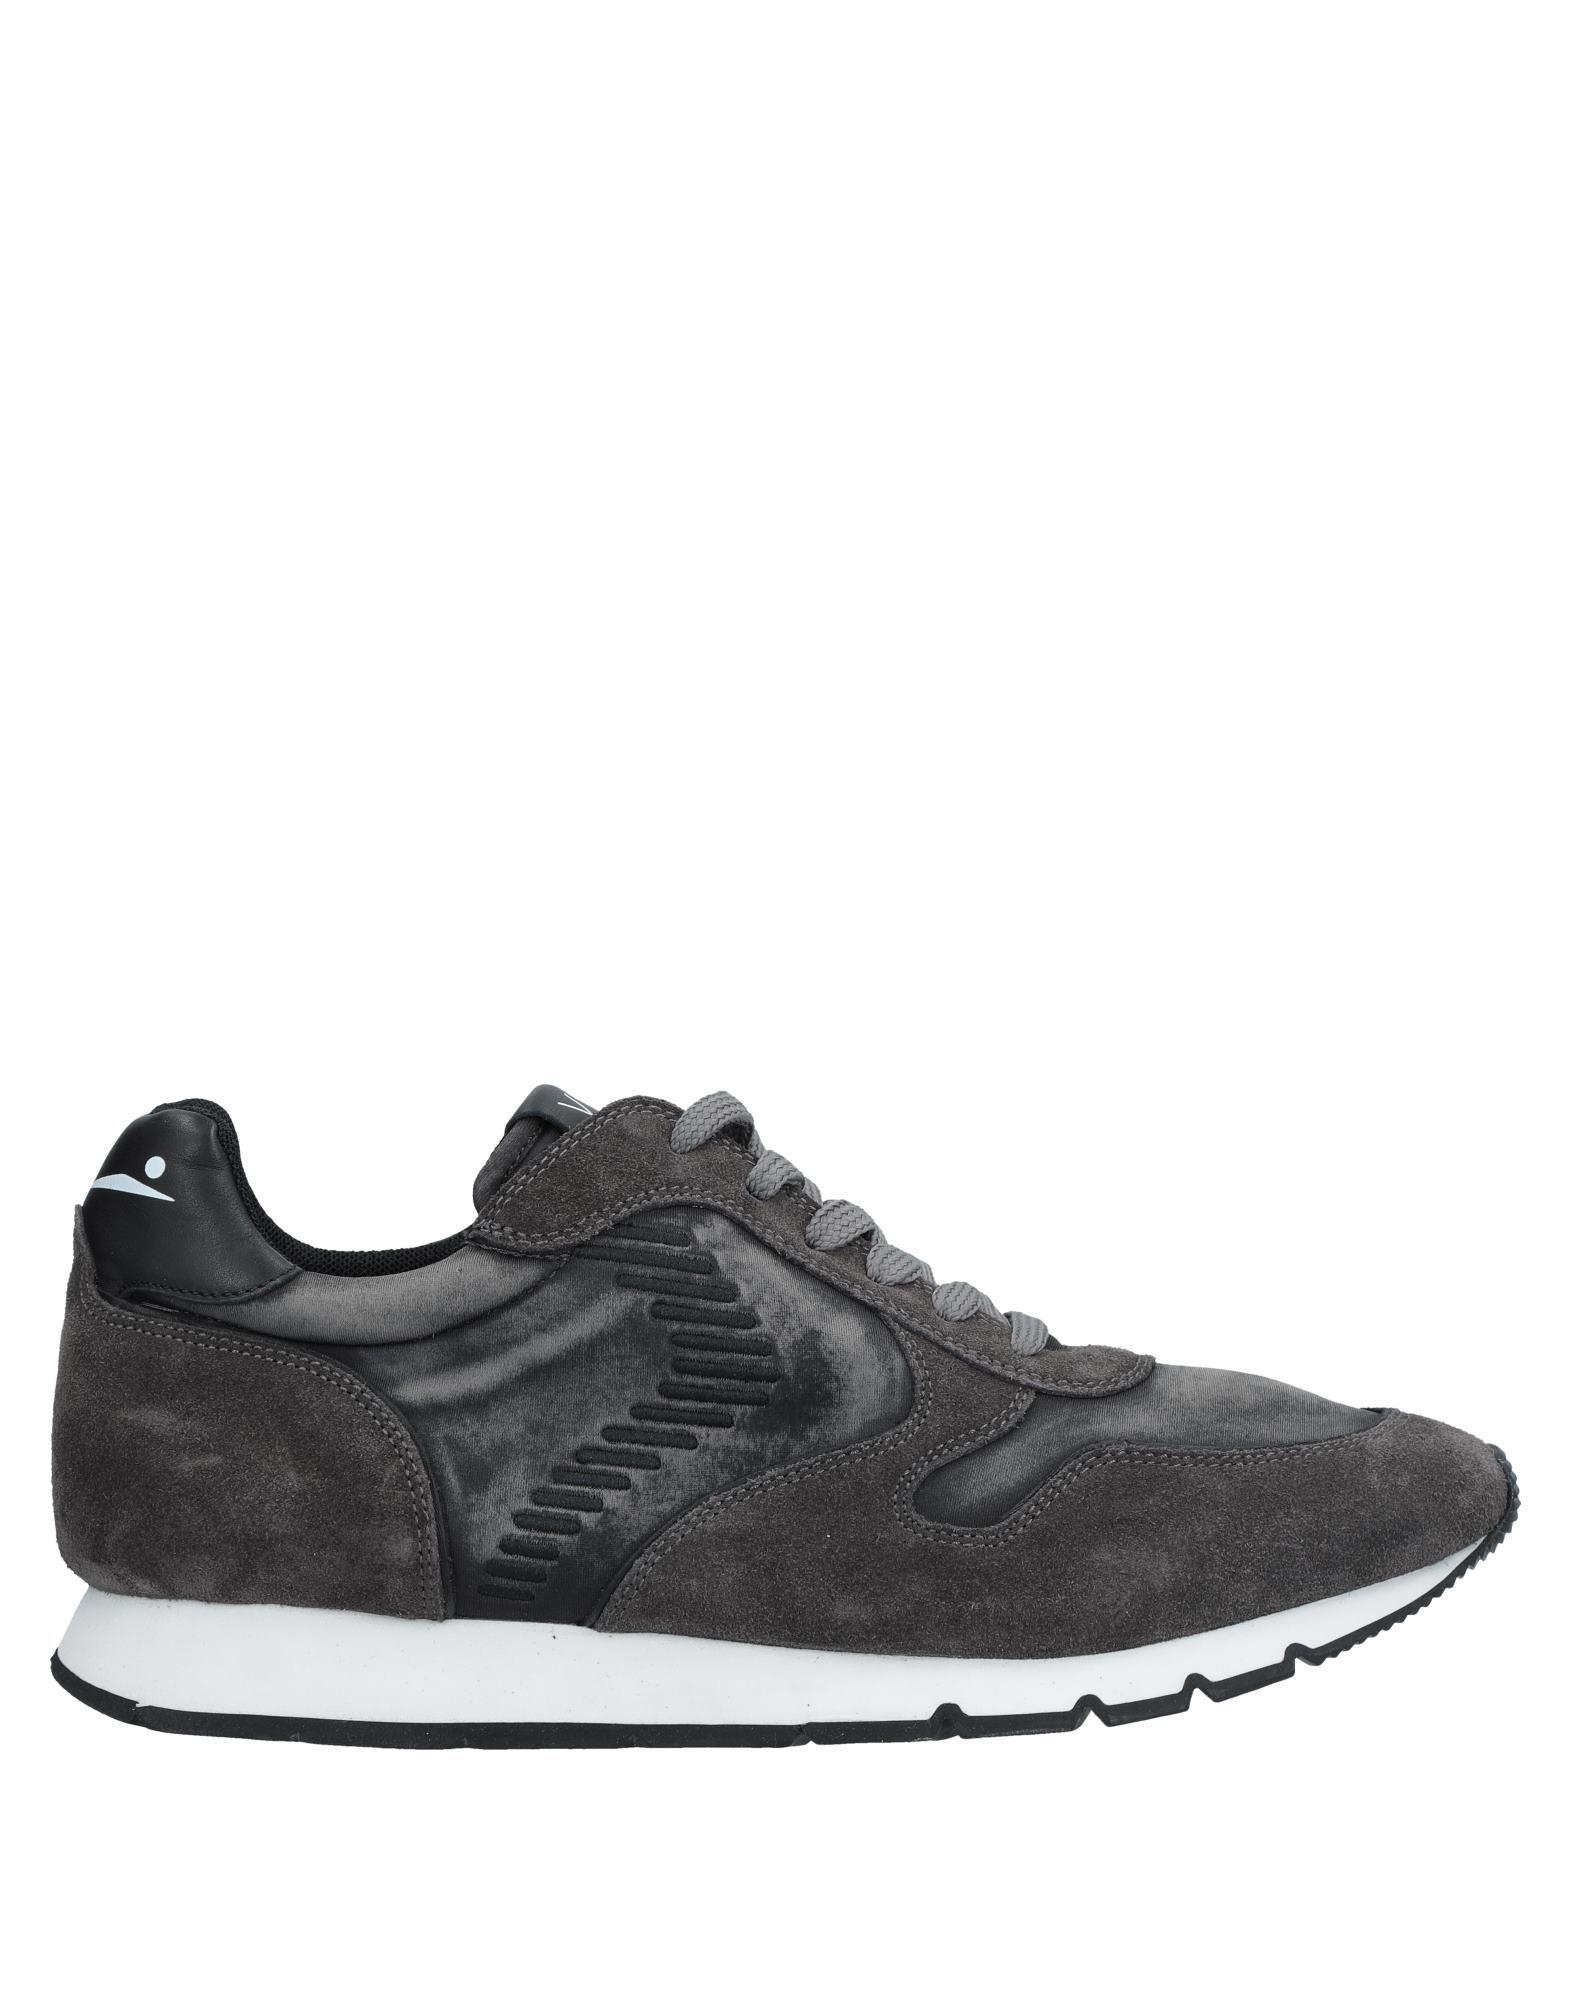 Rabatt echte Schuhe Voile Blanche Turnschuhes 11534912JC Herren 11534912JC Turnschuhes 37f9f7